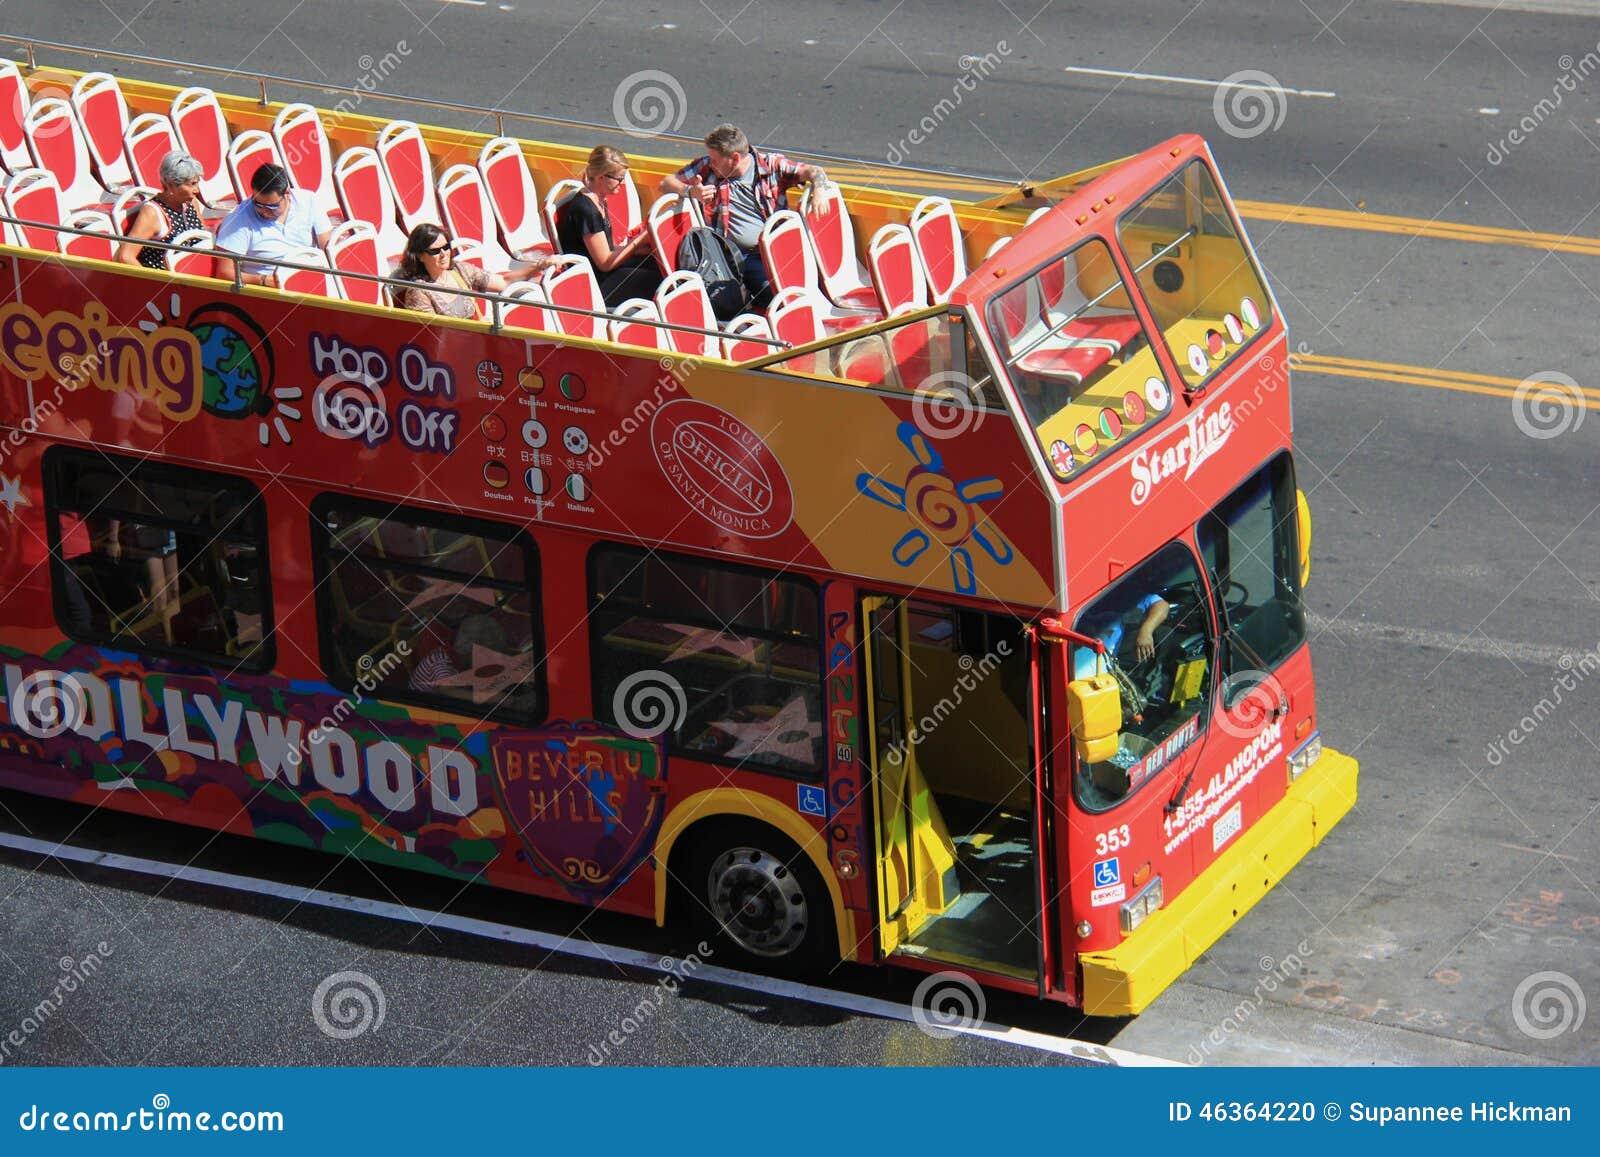 Hollywood wycieczka autobusowa